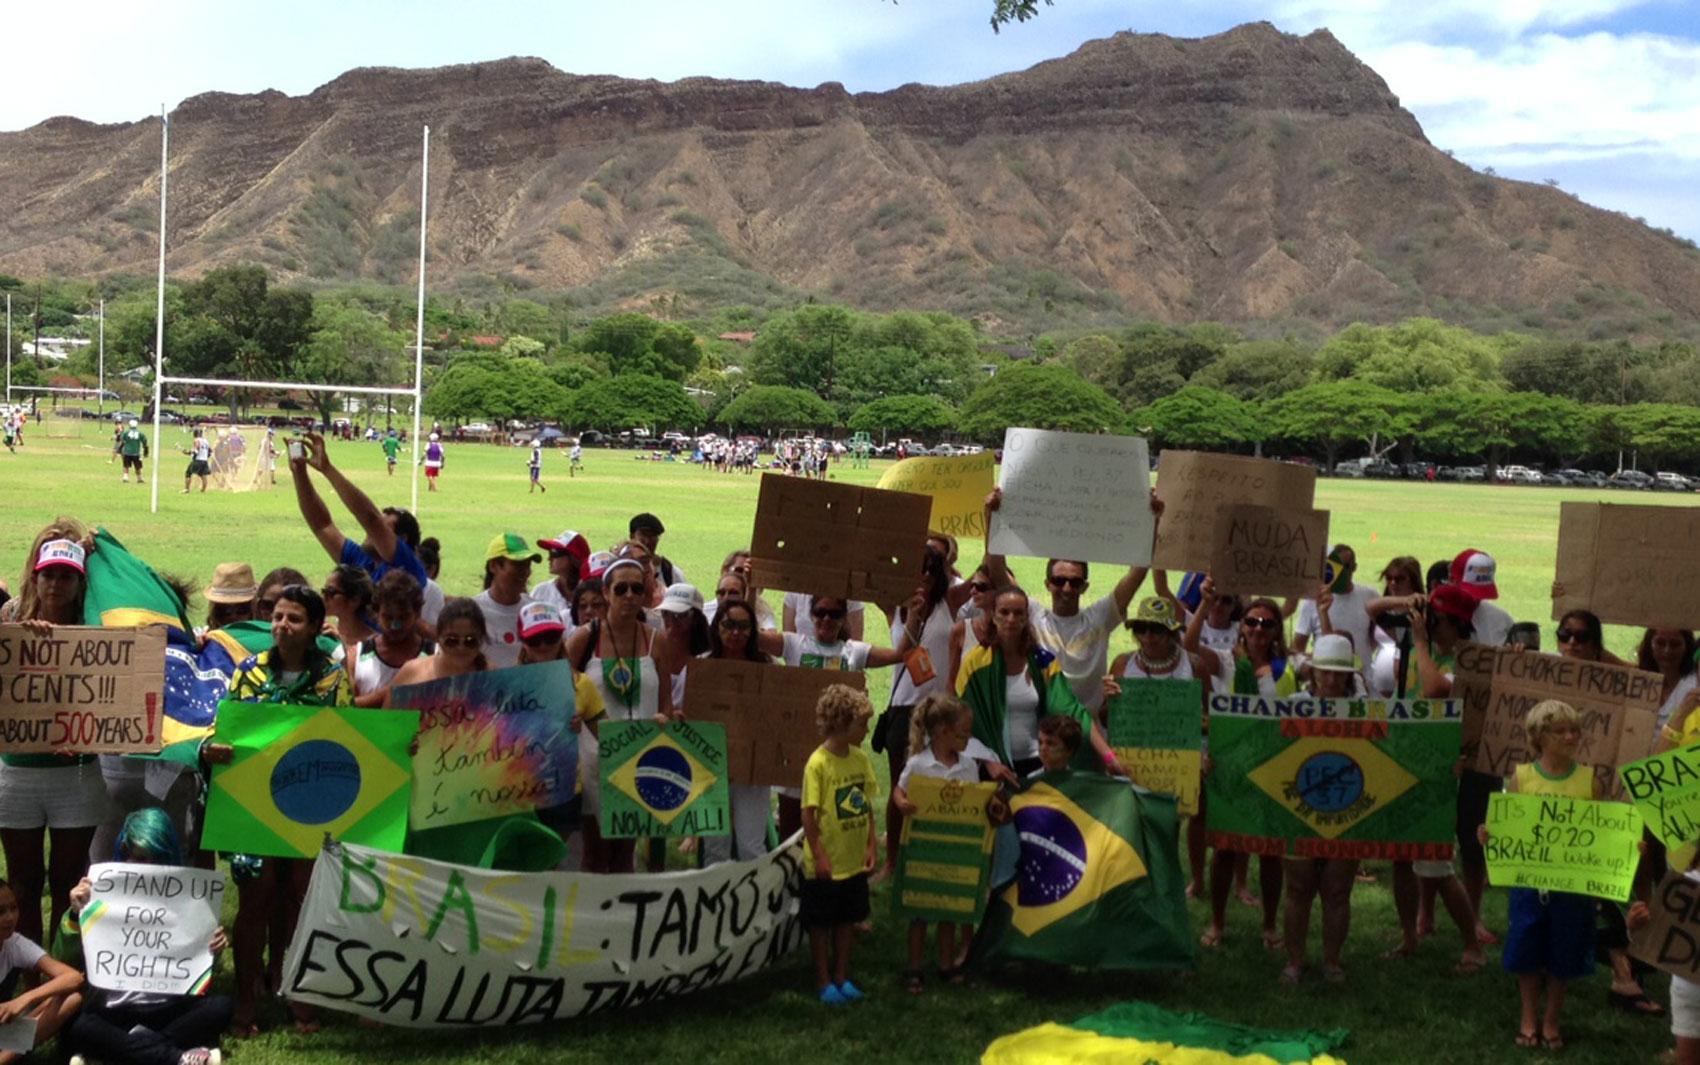 23/06 - Cerca de cem brasileiros se reuniram neste domingo, 23, em um parque em Oahu, no Havaí, Estados Unidos, para apoiar as manifestações ocorridas nos últimos dias no Brasil